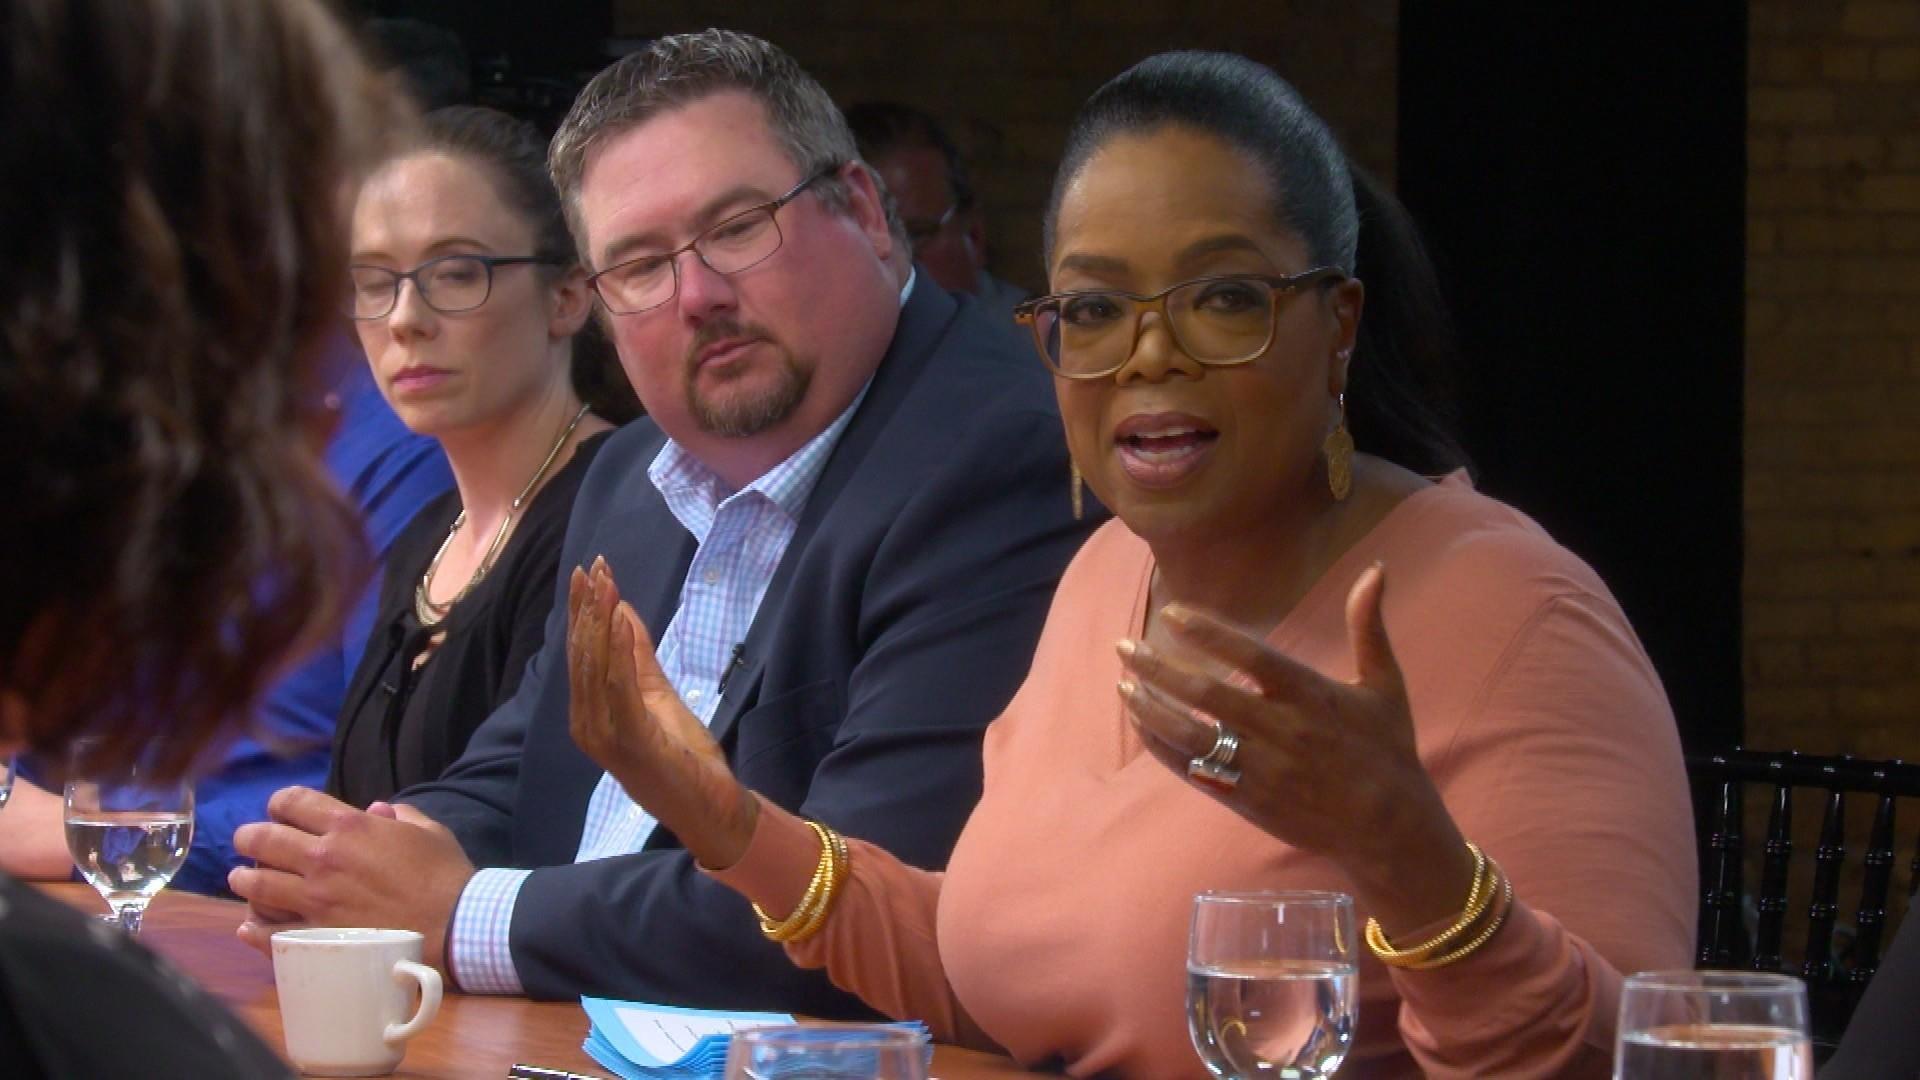 President Trump Trolls Oprah After '60 Minutes' Segment